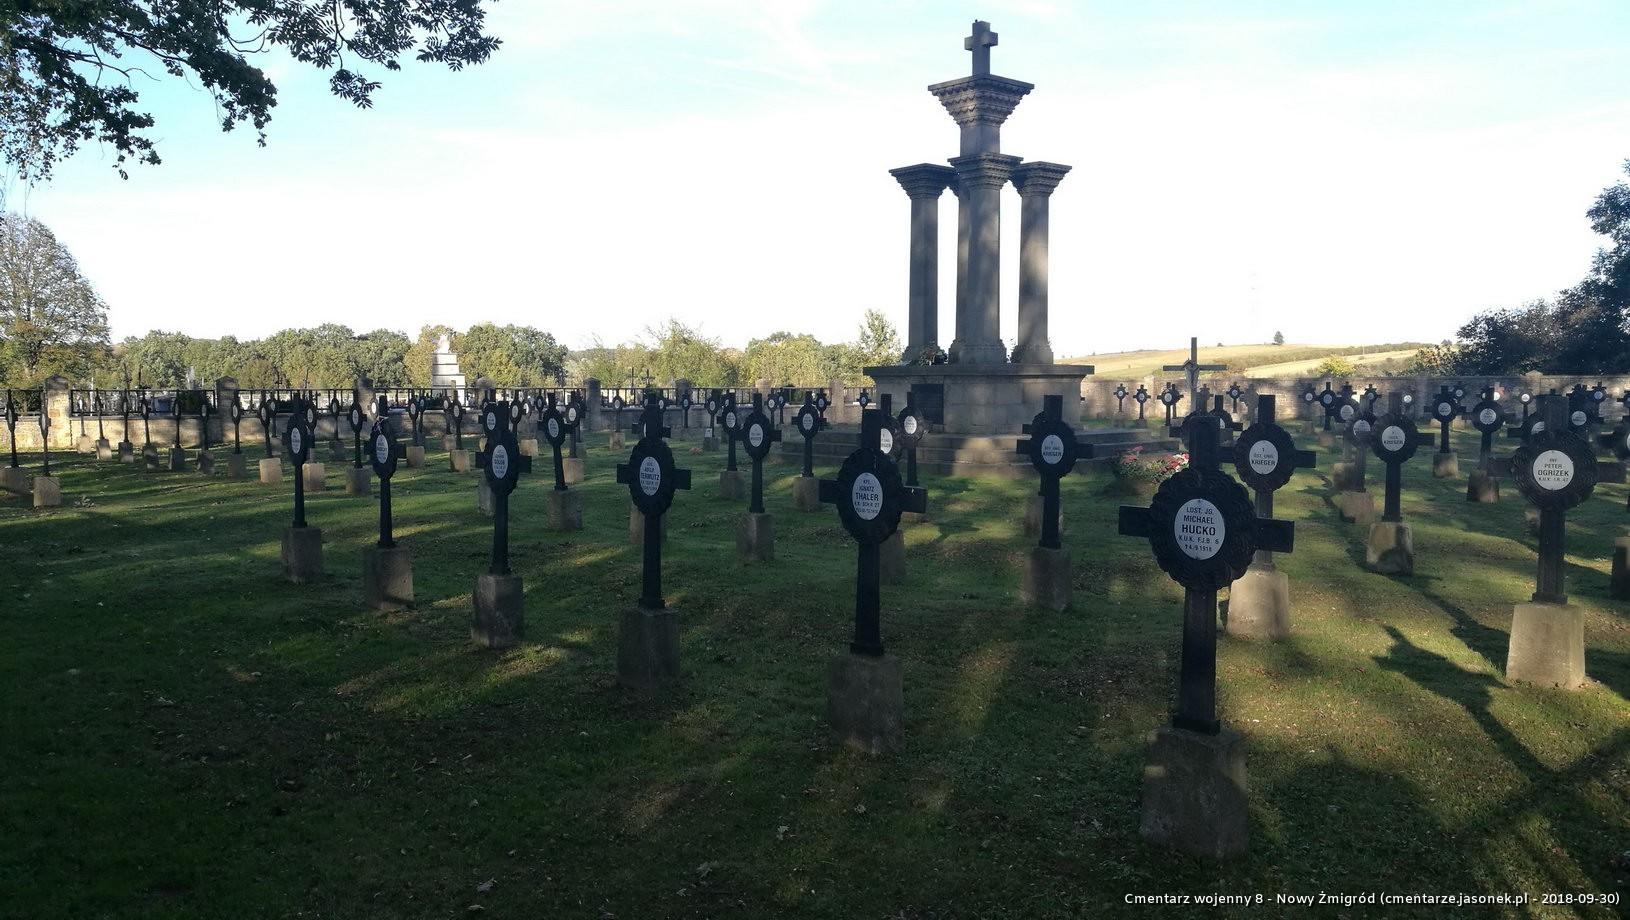 Cmentarz wojenny 8 - Nowy Żmigród